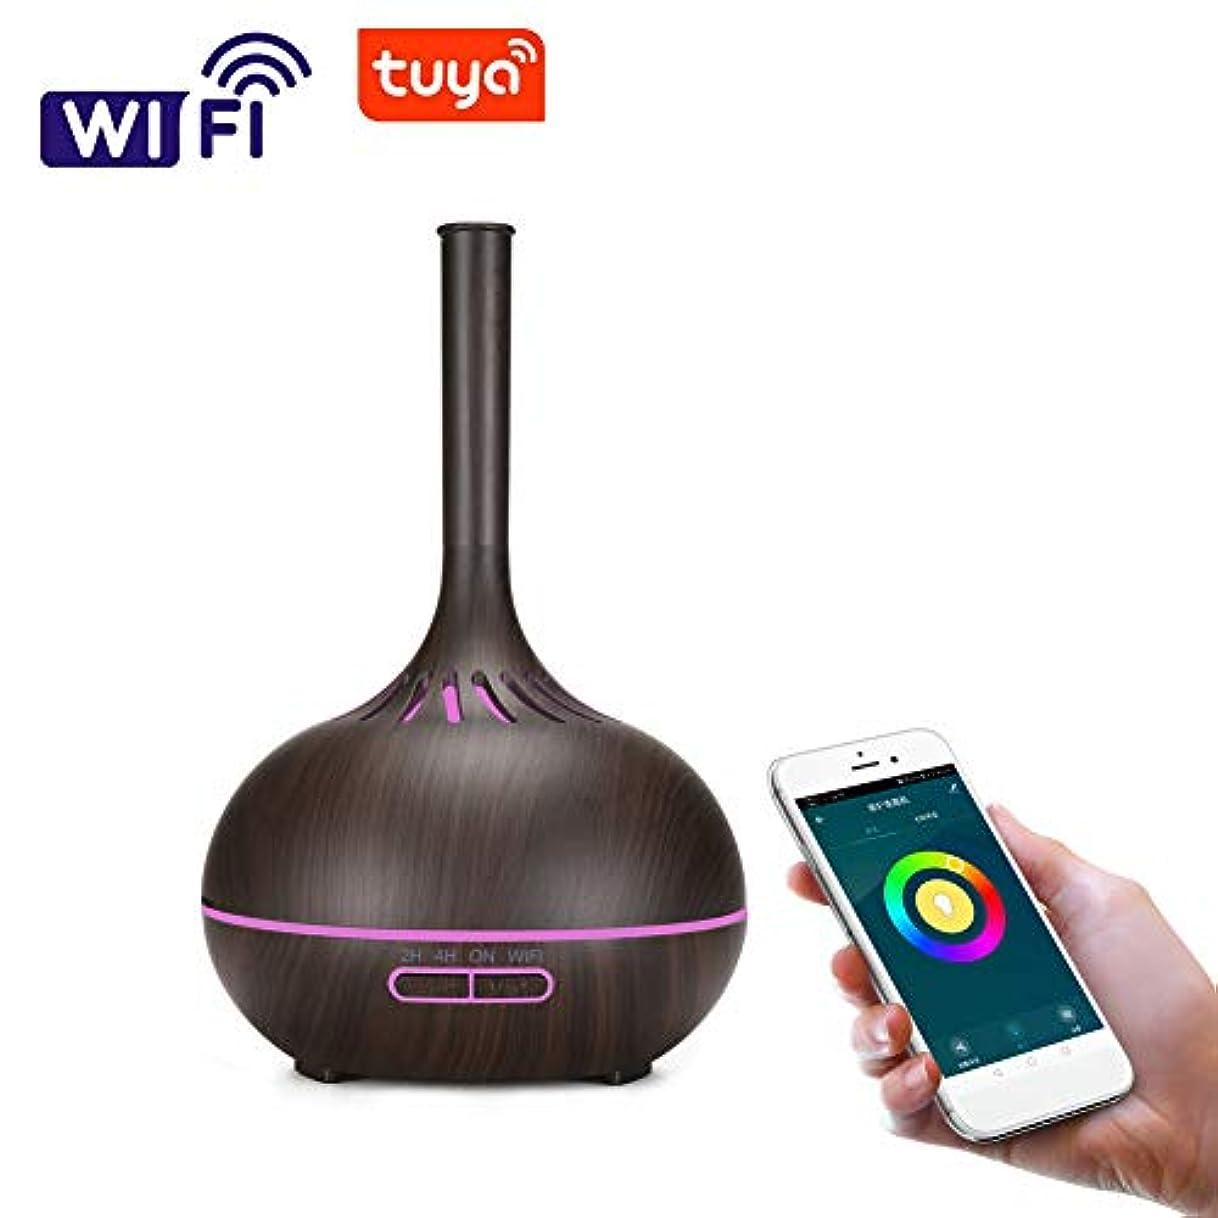 団結クリップ蝶狂った木目 涼しい霧 超音波式 加湿器,wifi 7 色 香り 精油 ディフューザー 調整可能 空気加湿器 アロマネブライザー ホーム Yoga オフィス- 400ml